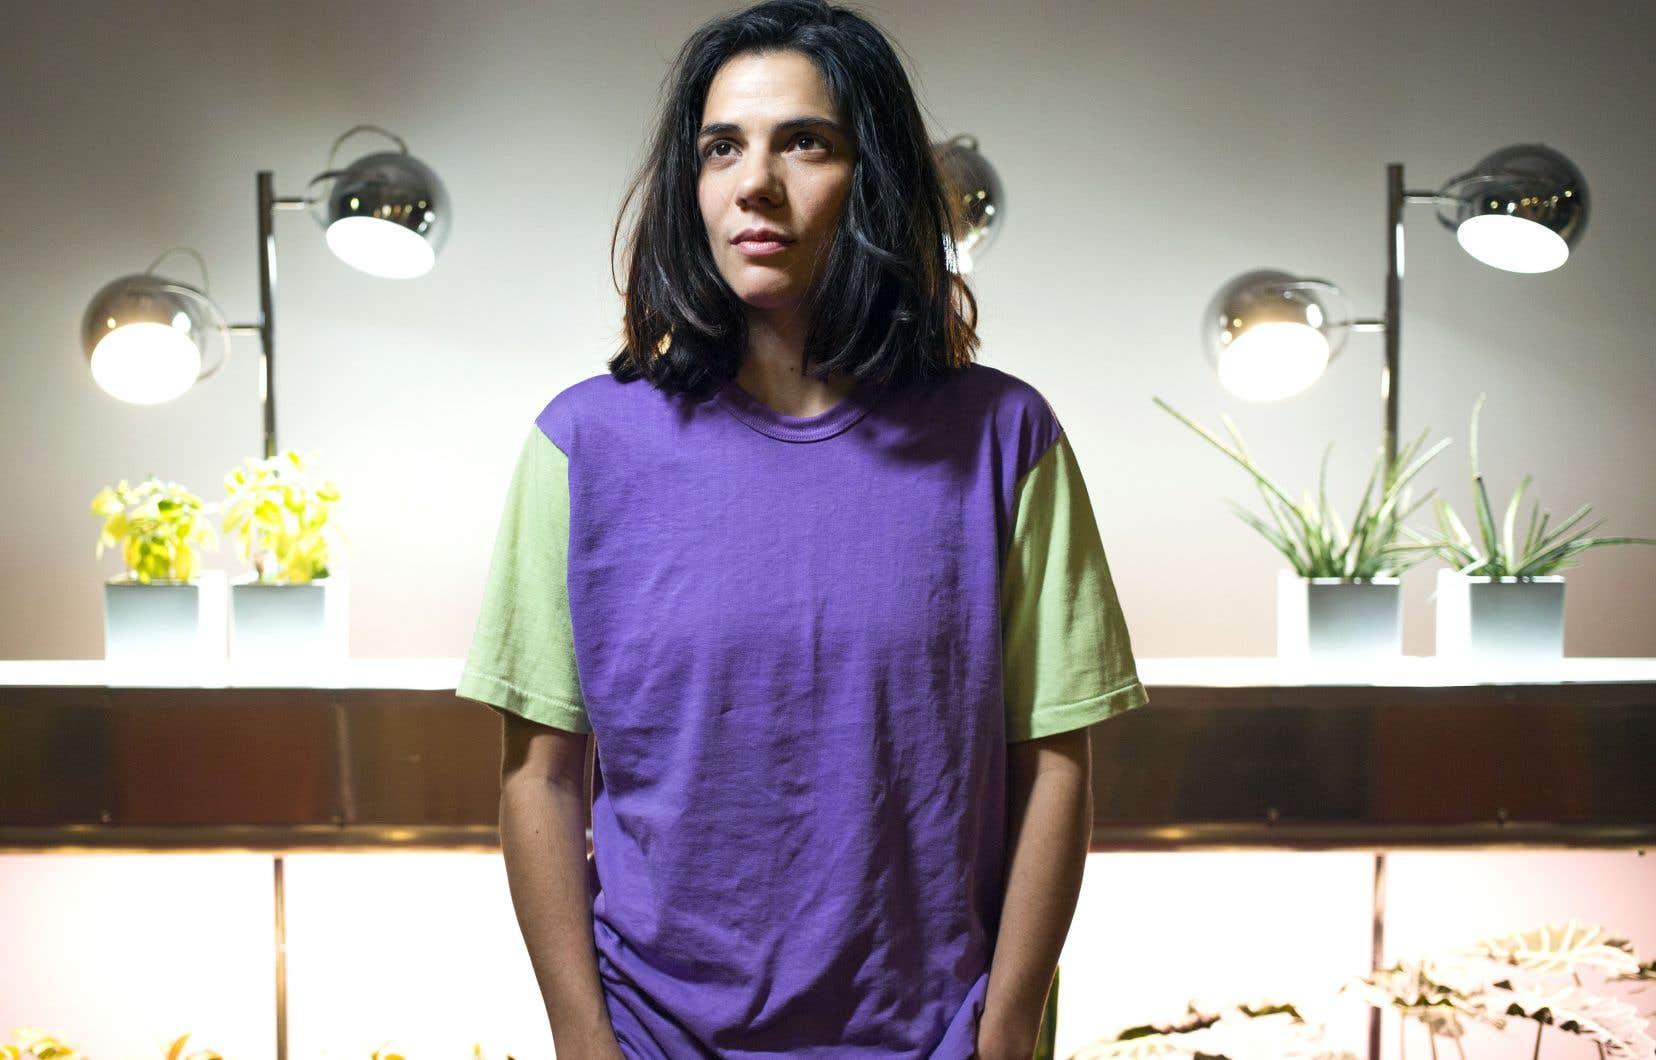 L'artiste Clara Furey explore les frontières de sa propre radicalité, finalement fort mouvantes.